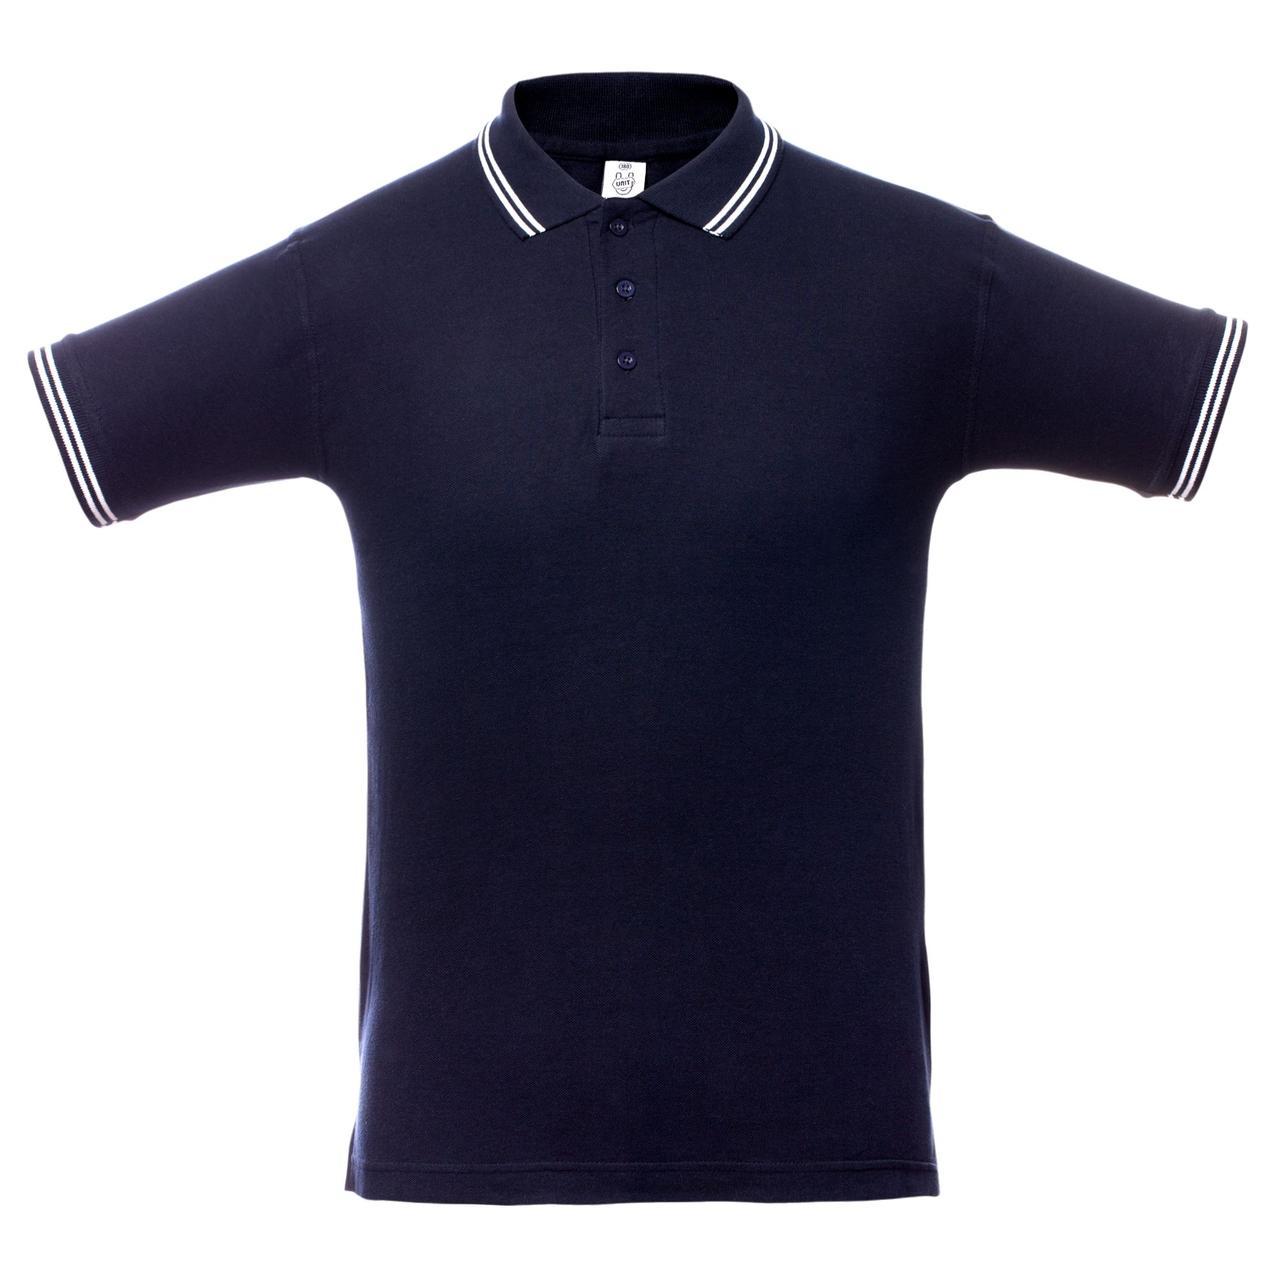 Рубашка поло Virma Stripes, темно-синяя (артикул 1253.40)